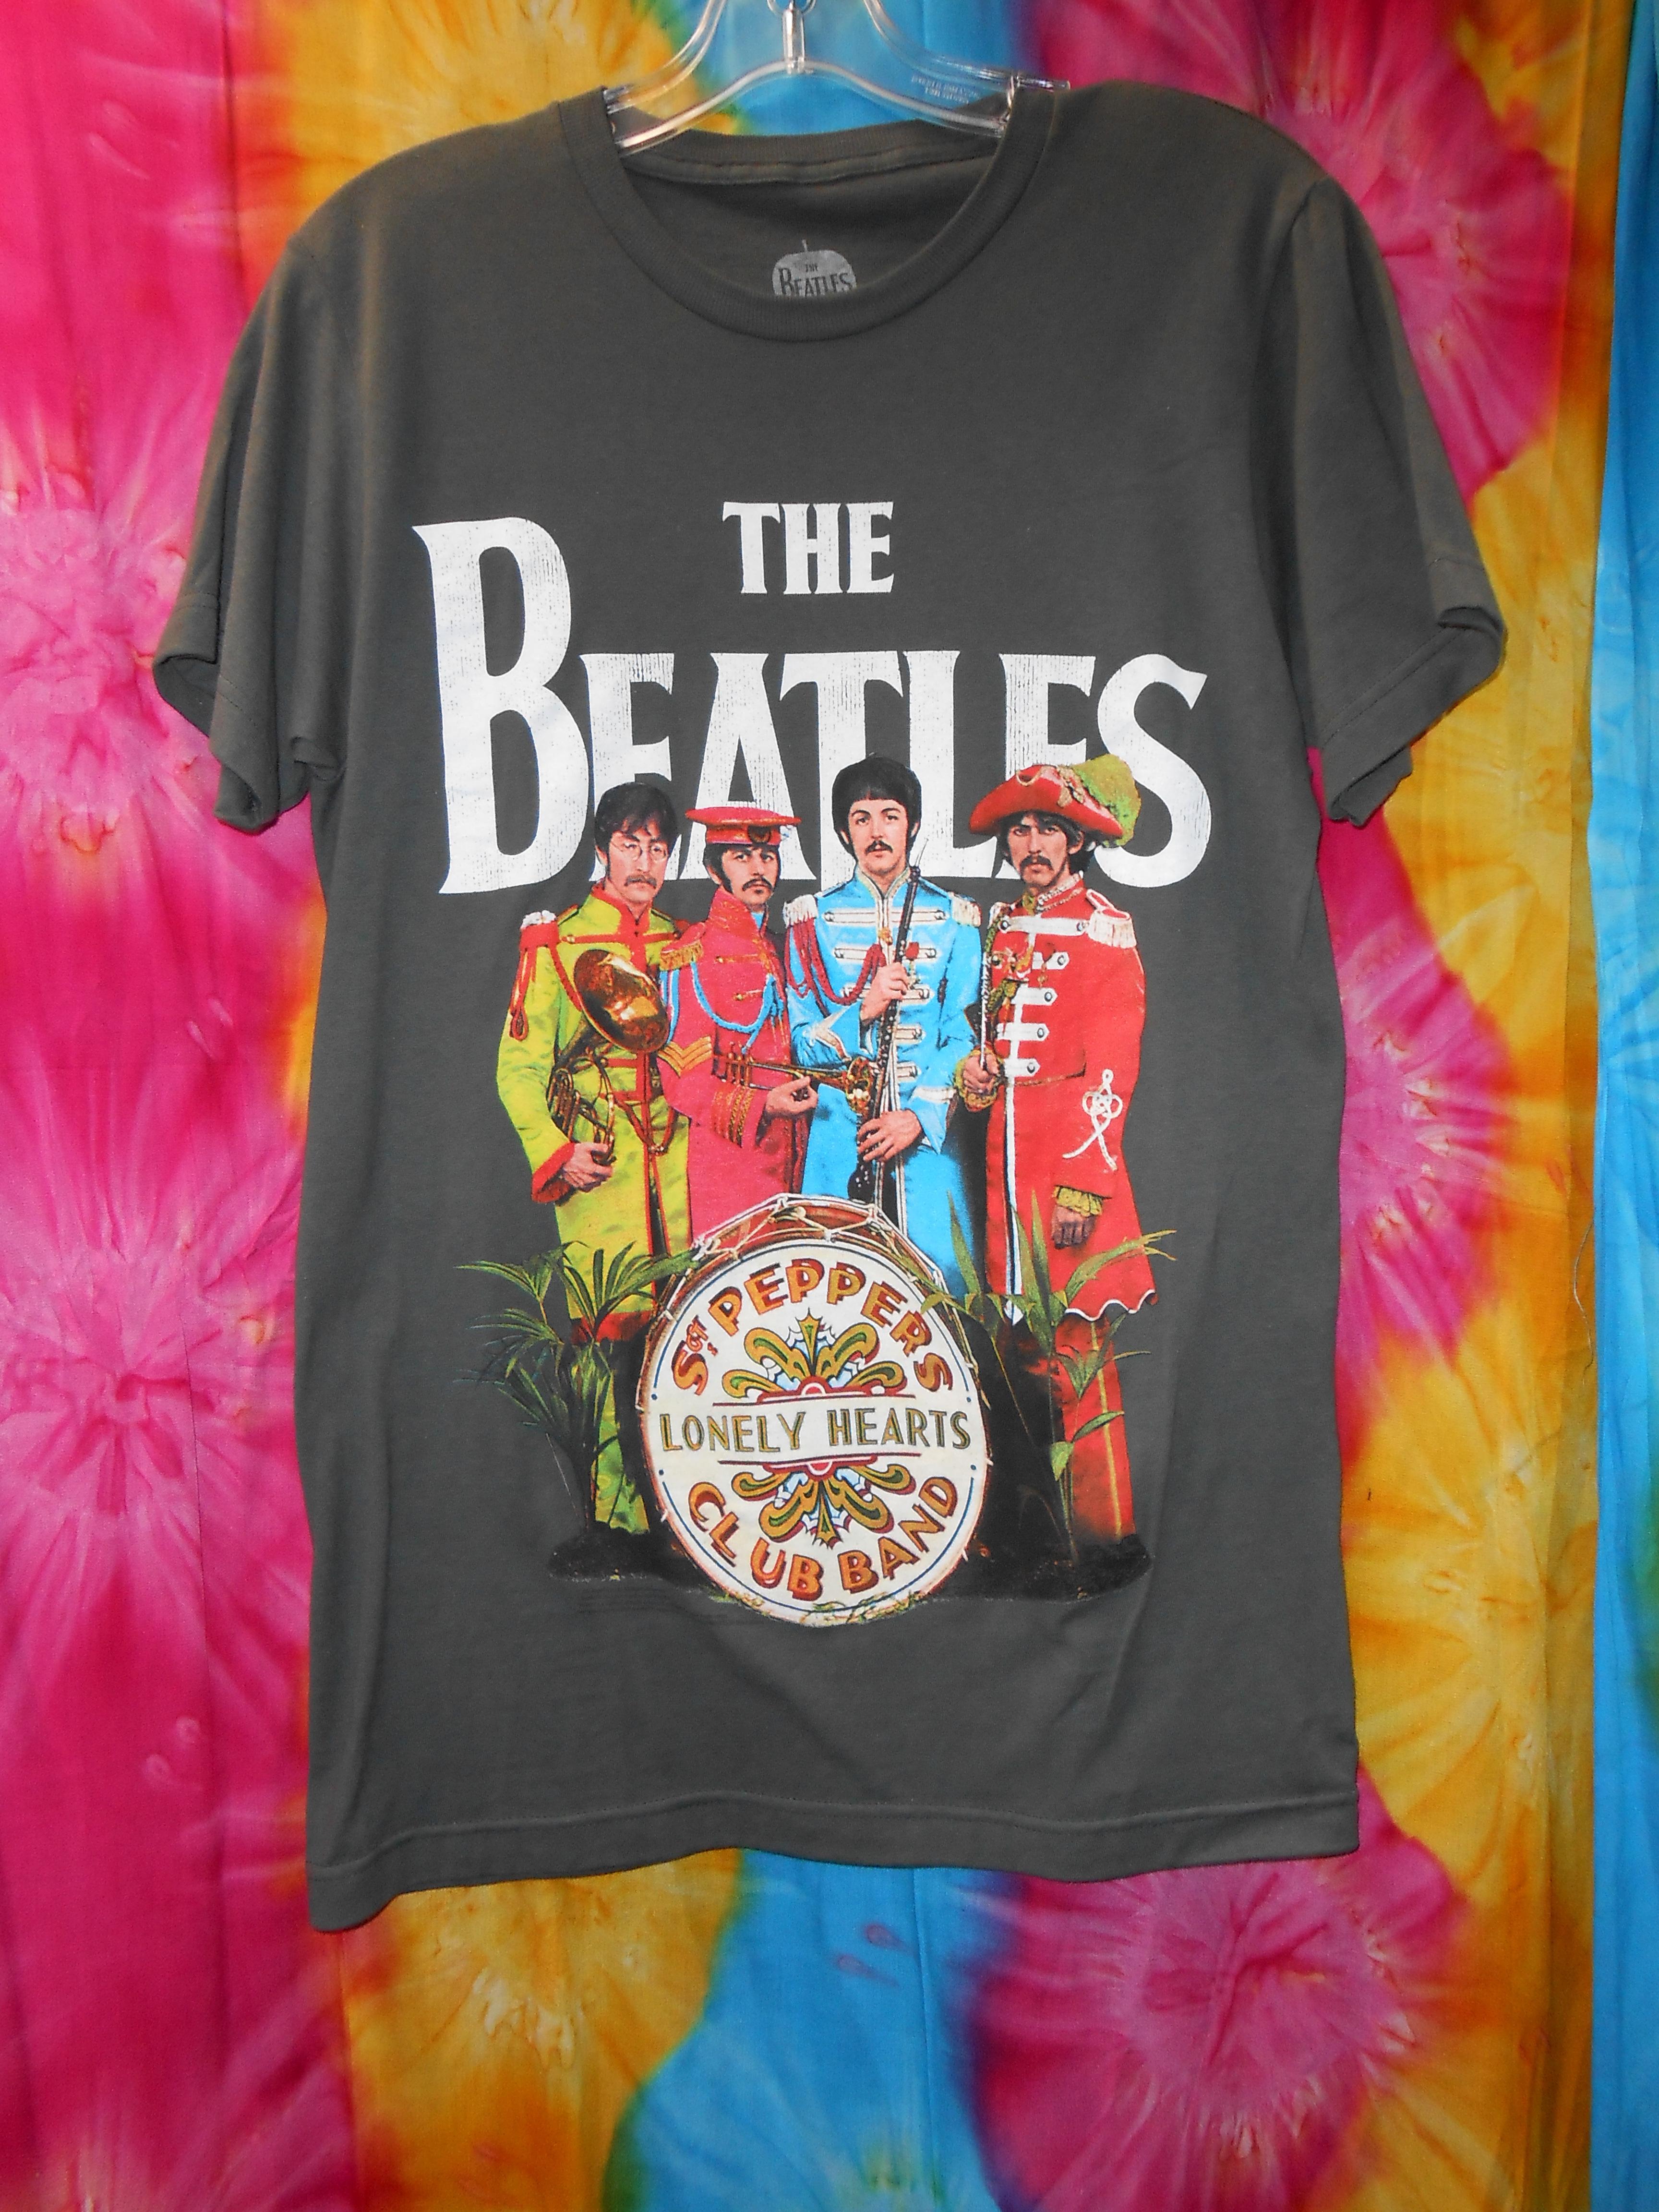 The Beatles (Sgt. Pepper) T-Shirt 0114